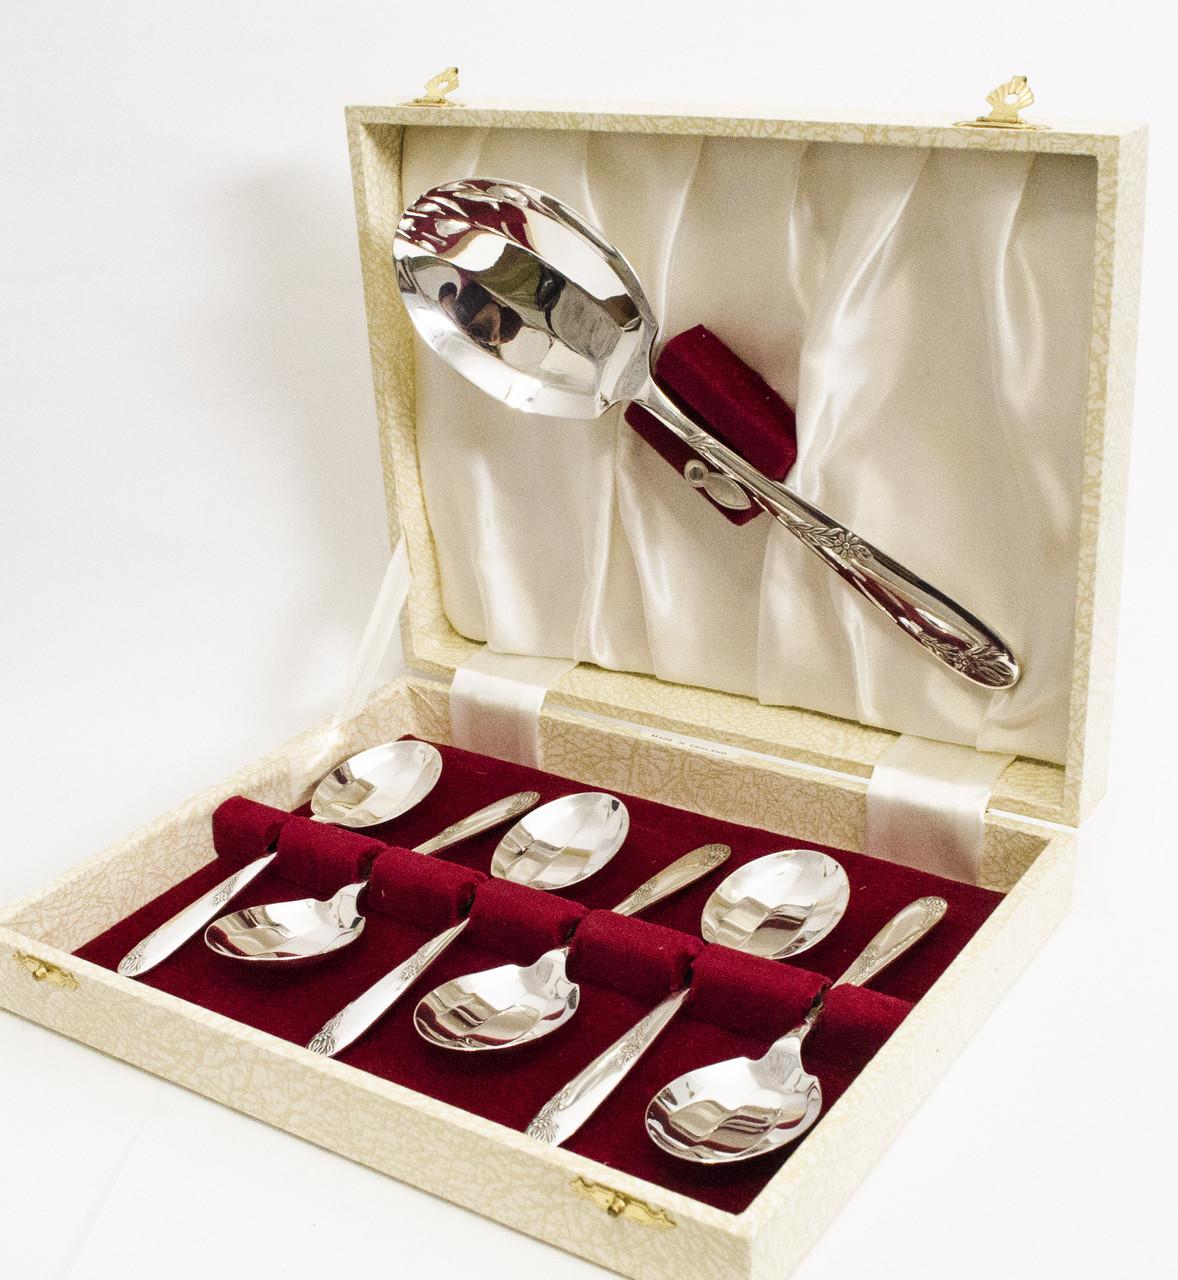 Набор для десертного стола, мельхиор, серебрение, Англия, ANGORA silverplateLTD